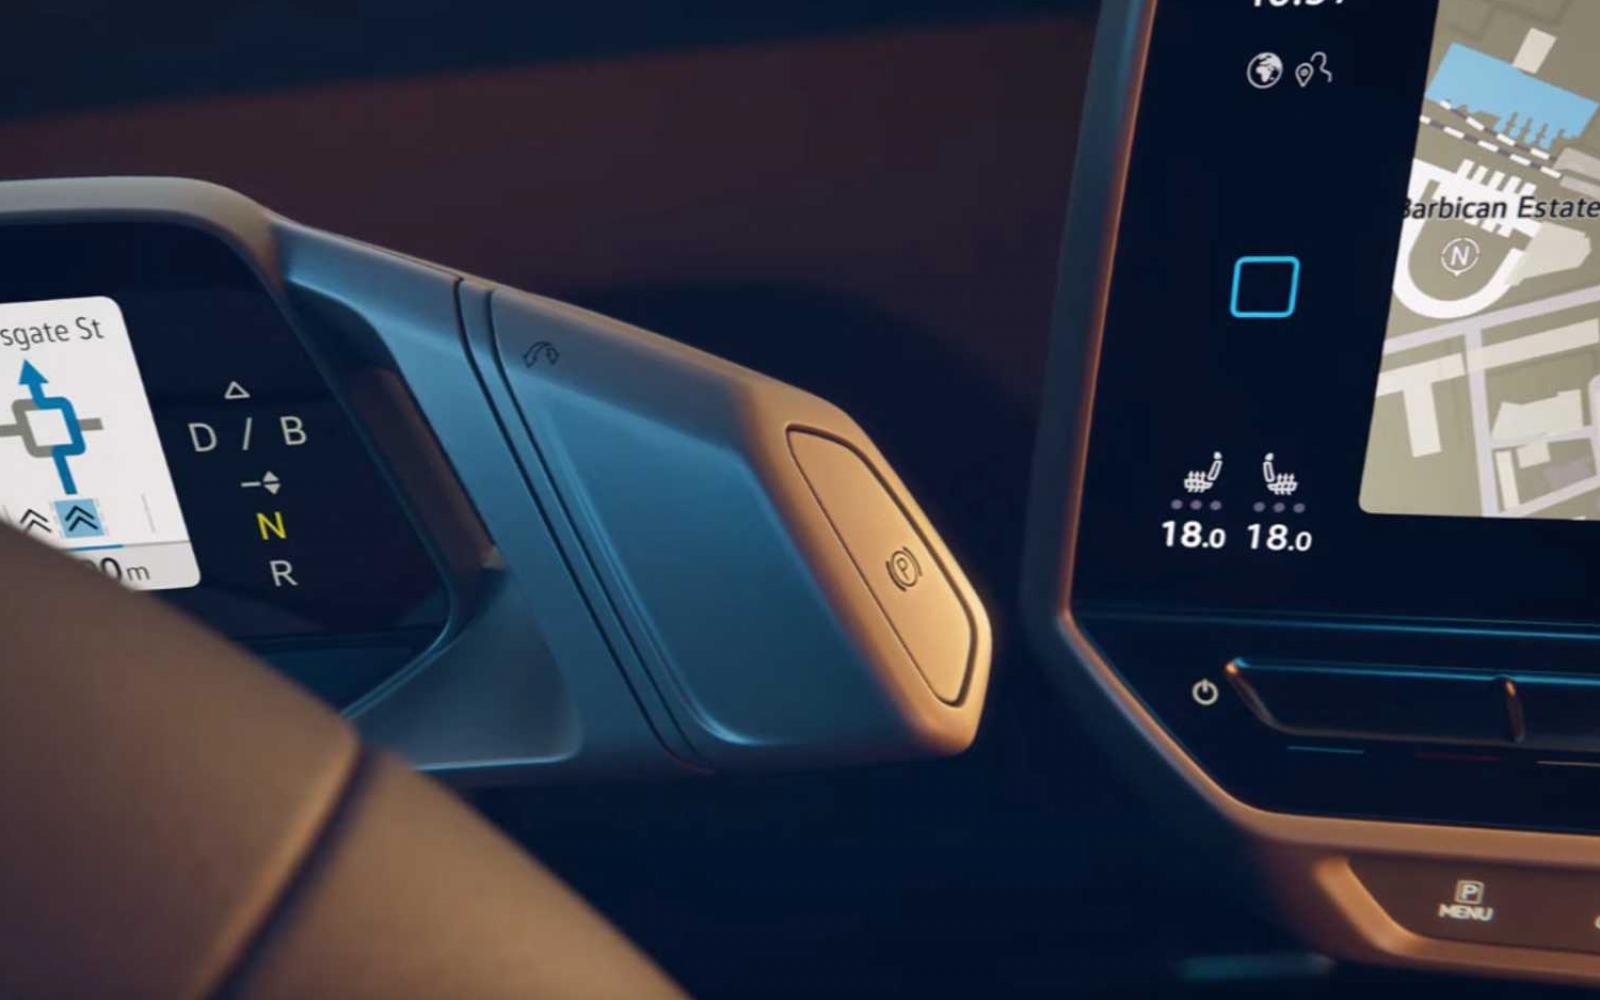 Zo ziet het dashboard van de Volkswagen ID.3 eruit